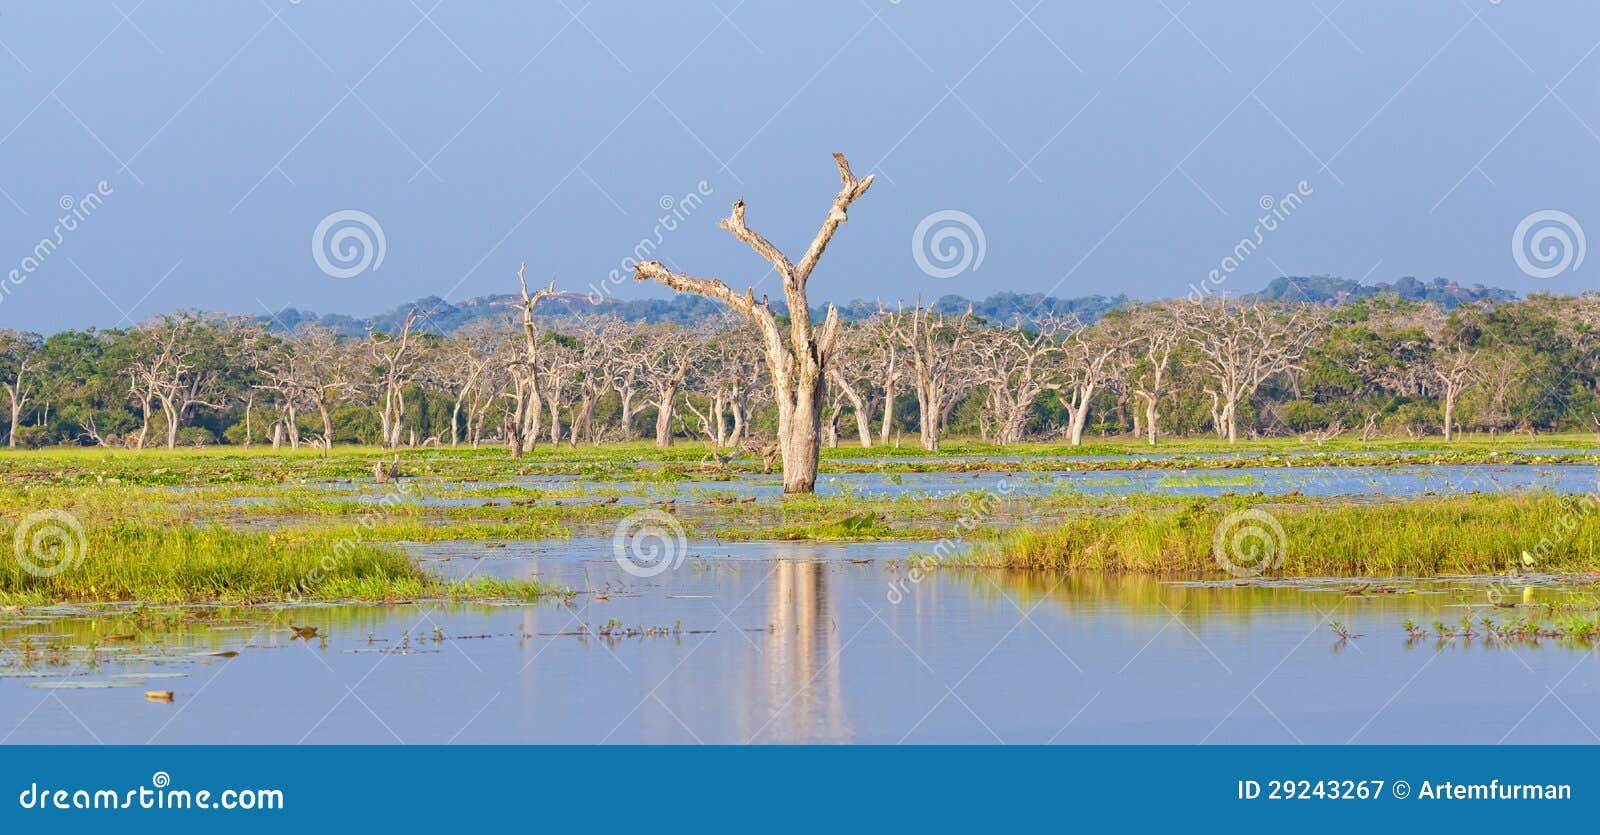 Download Savana imagem de stock. Imagem de filiais, ângulo, savanna - 29243267